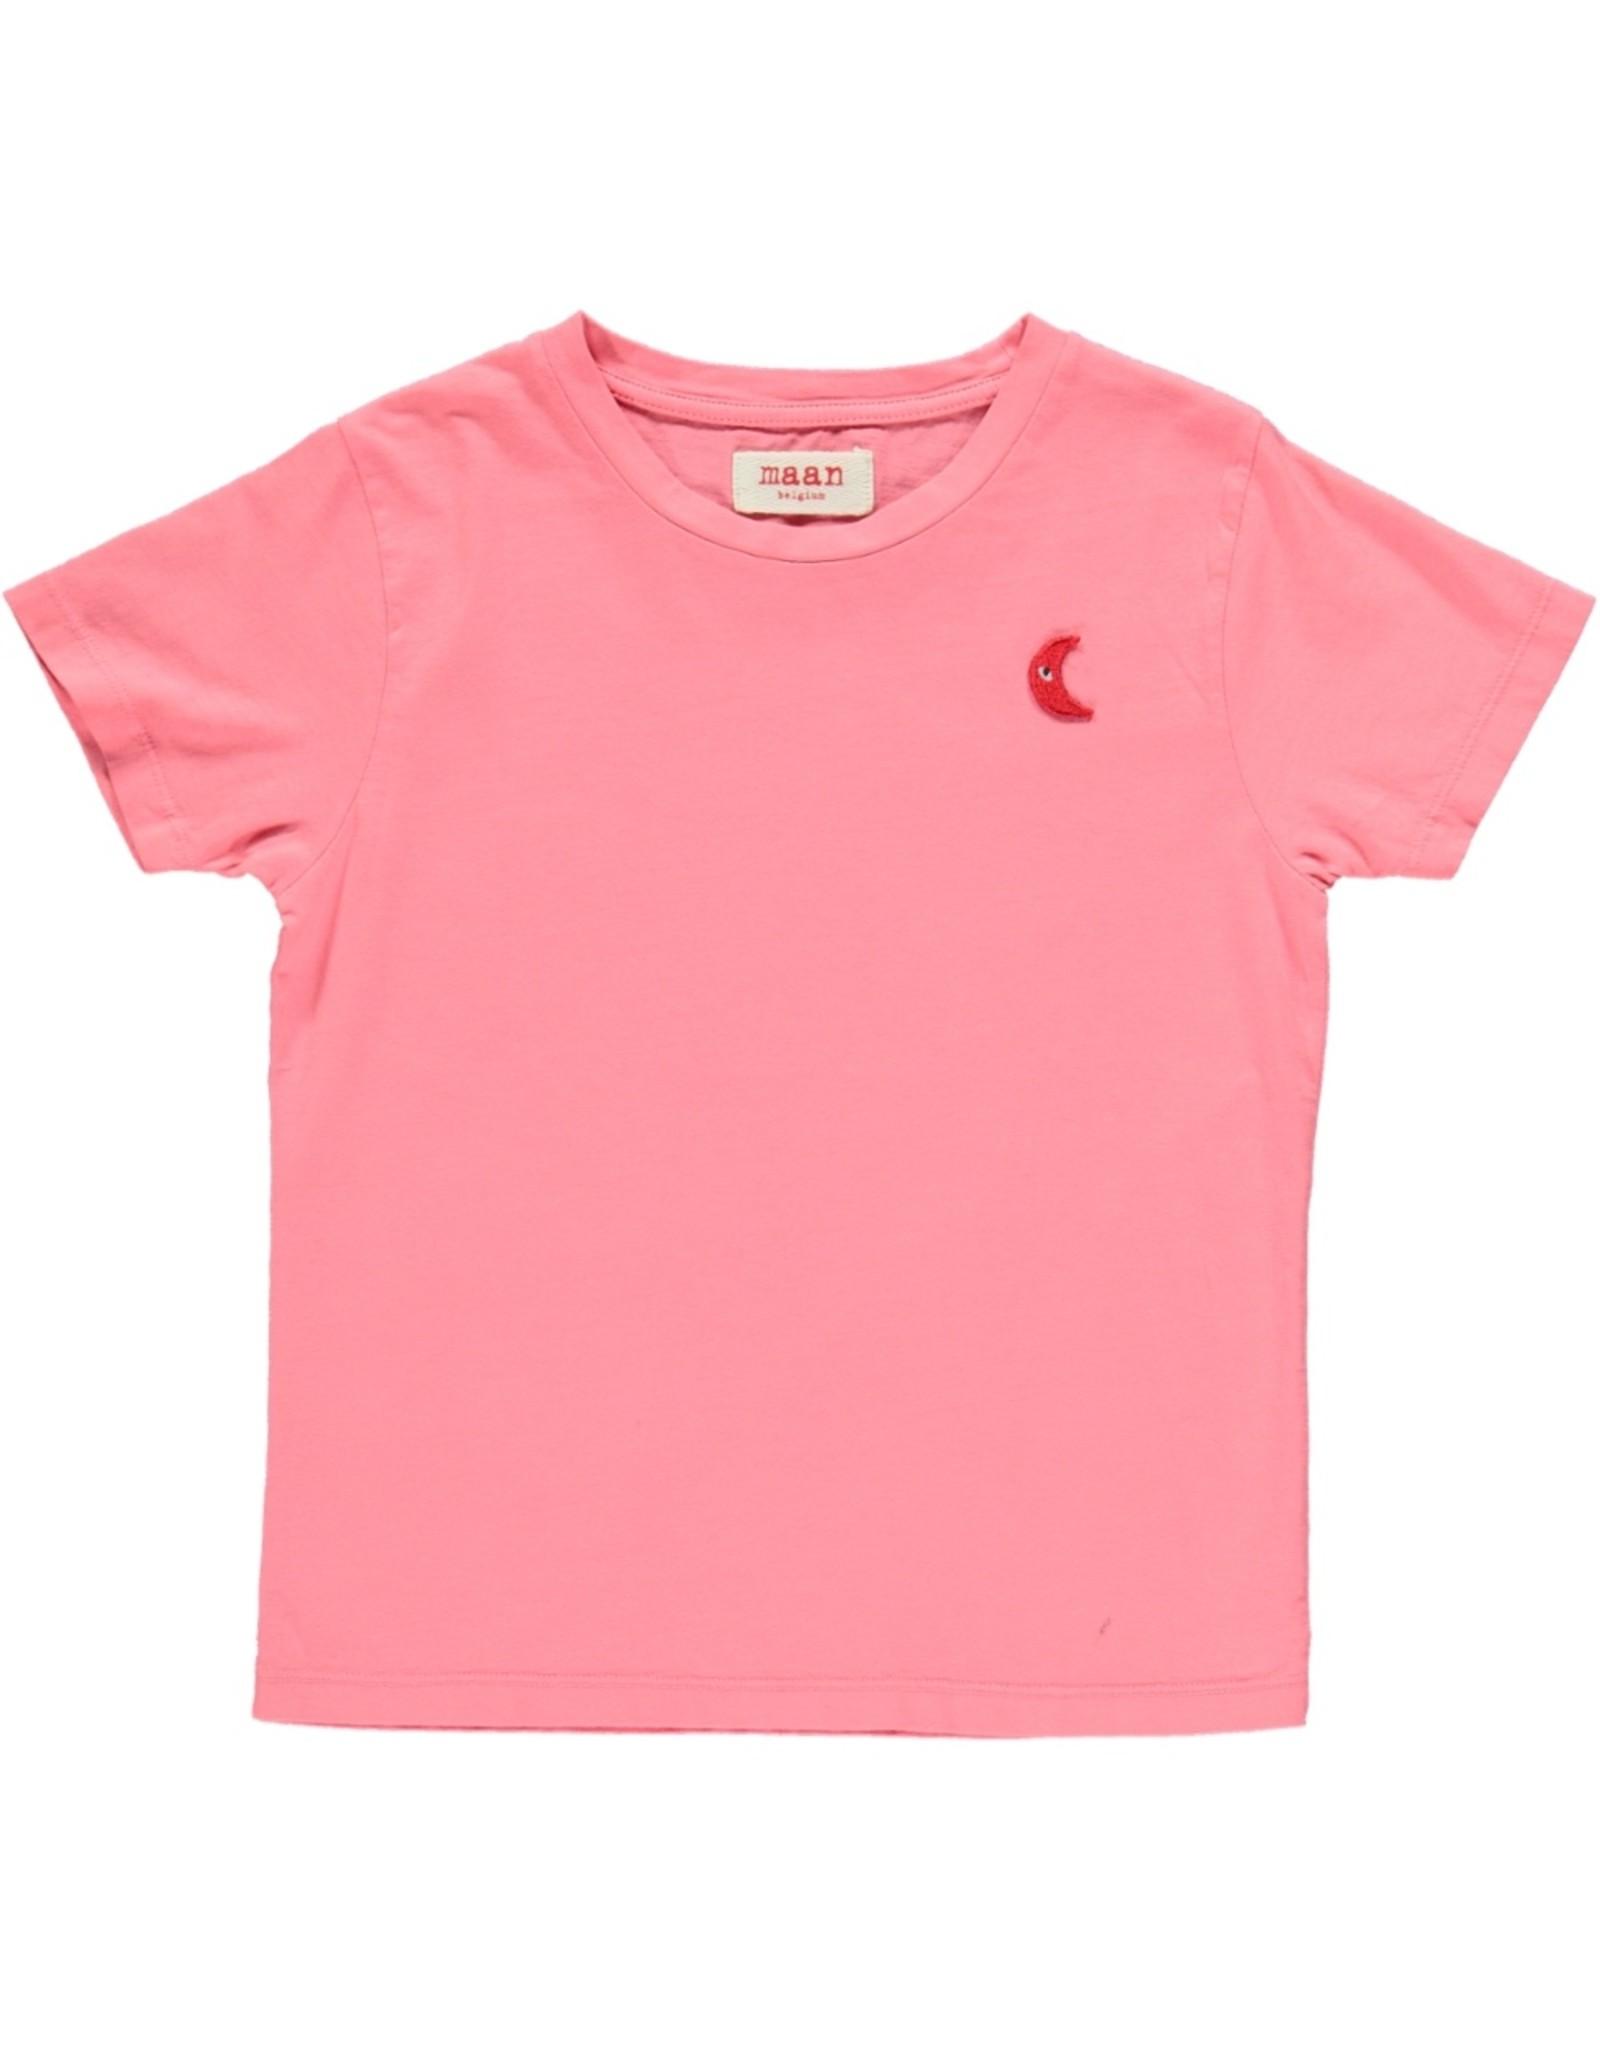 Maan SS21 Time t-shirt